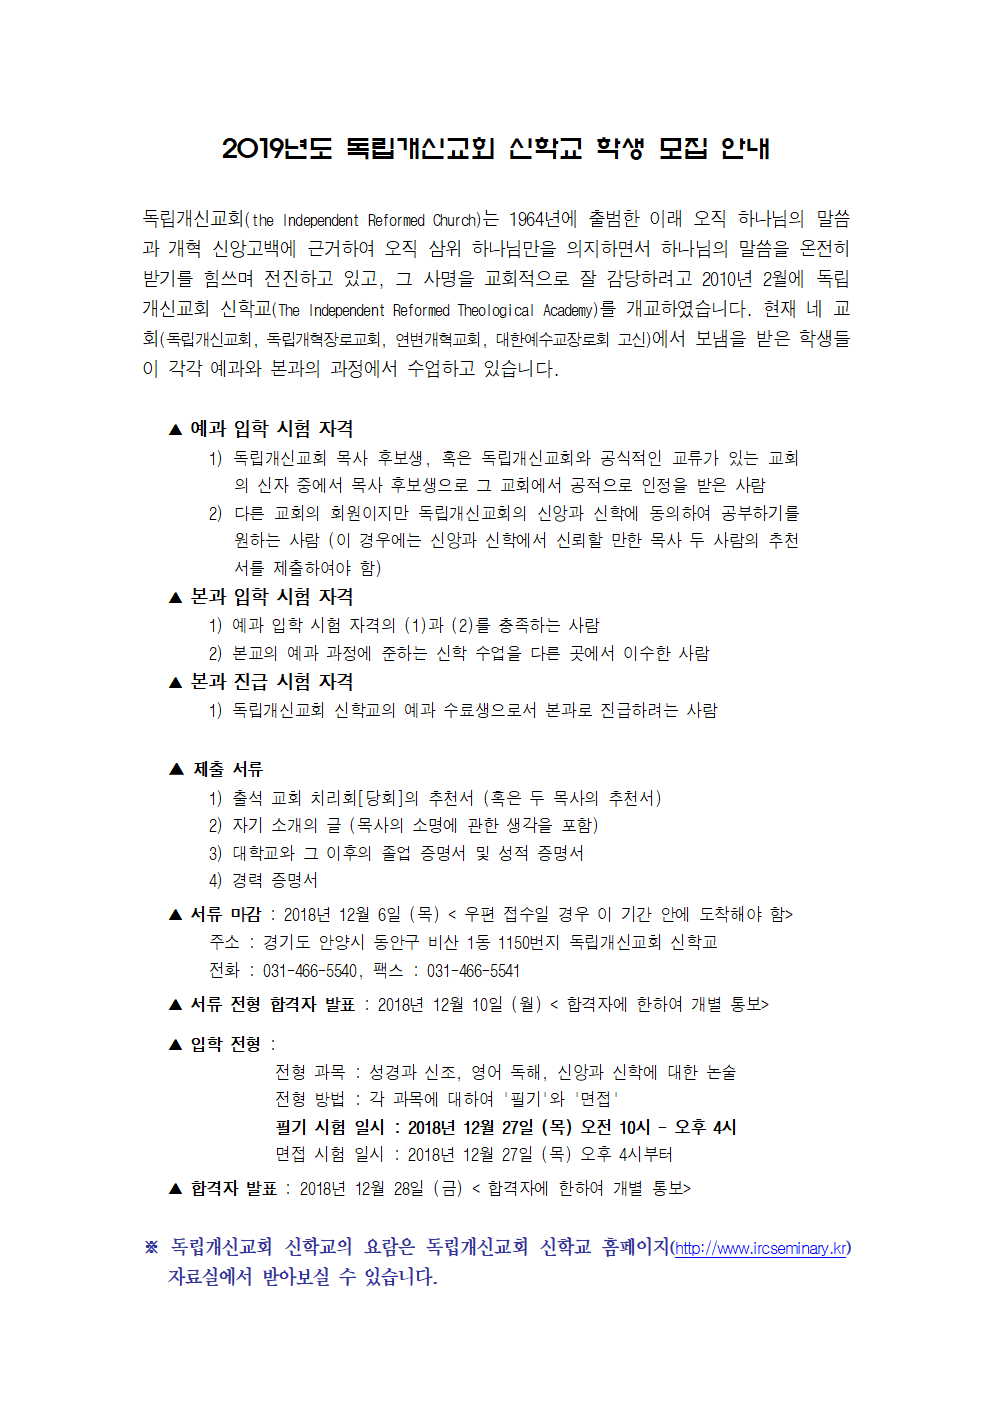 신학생_모집_공고(2018)001.png